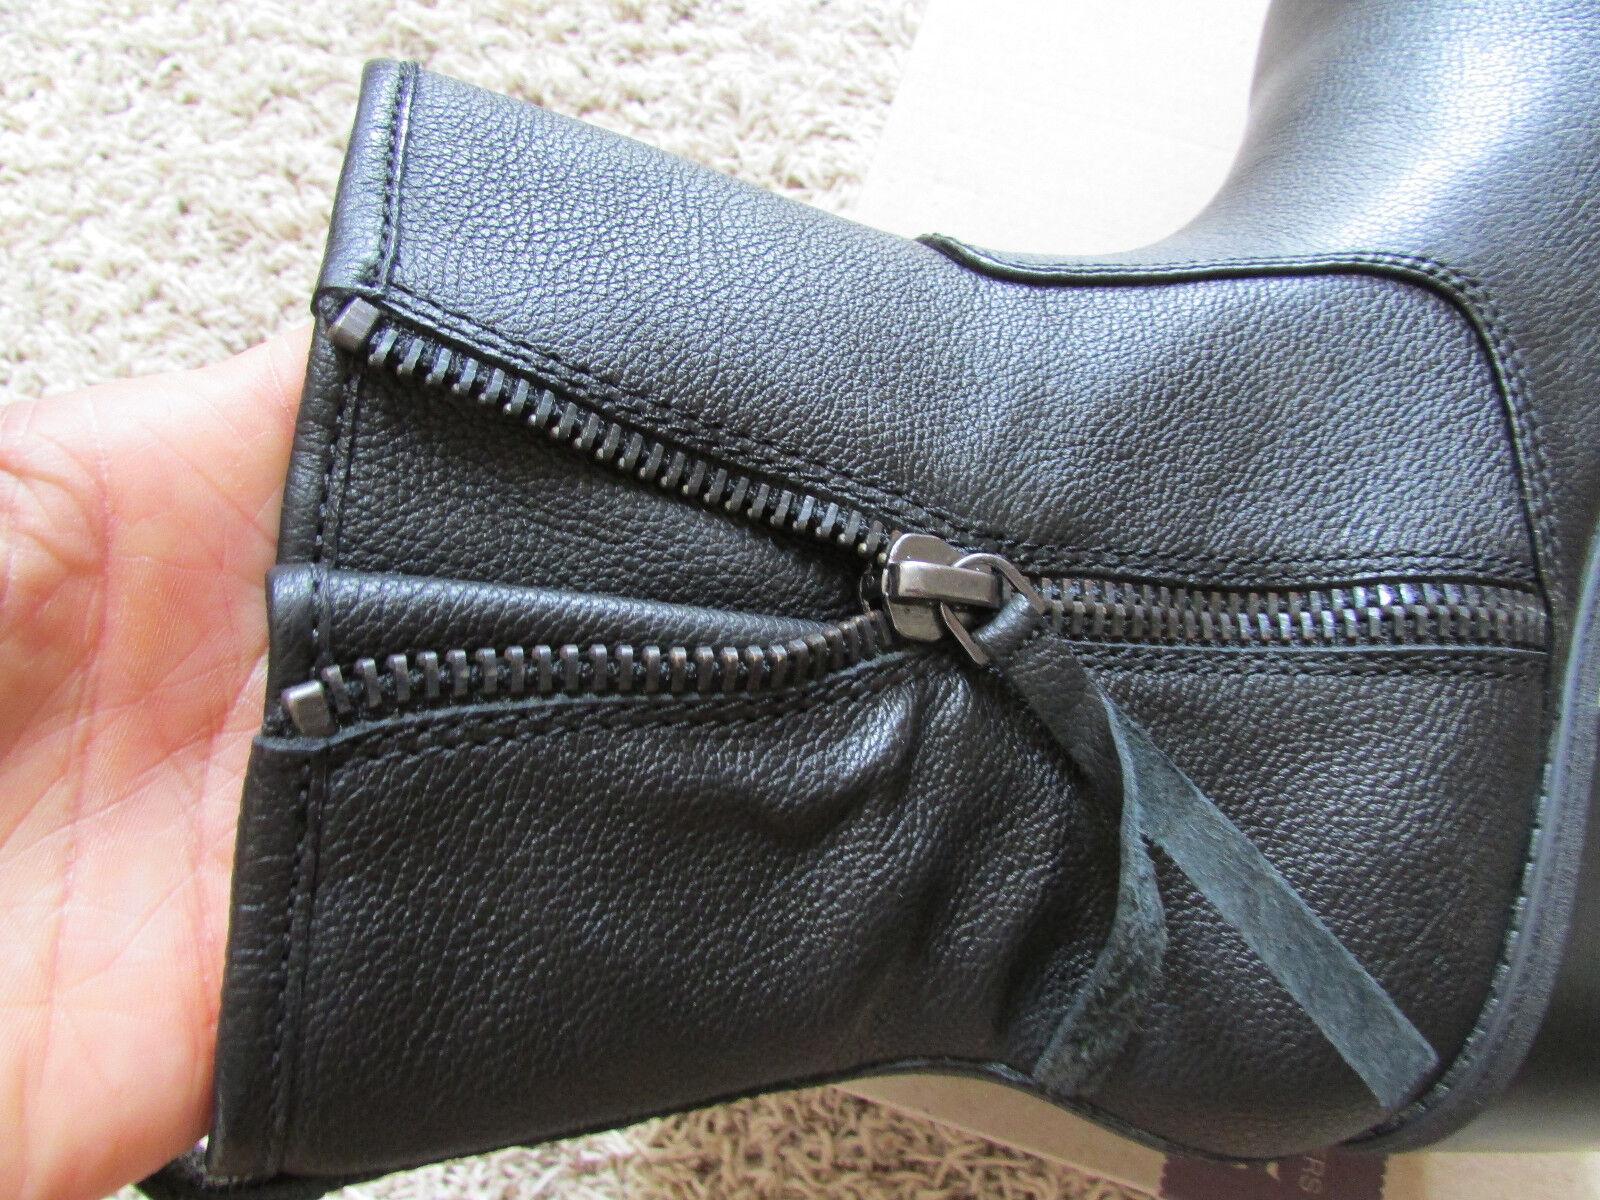 NEW CLARKS NEVELLA DEVON LEATHER Stiefel damen 9 9 9 ANKLE Stiefel StiefelIES ORTHOLITE 0551ac